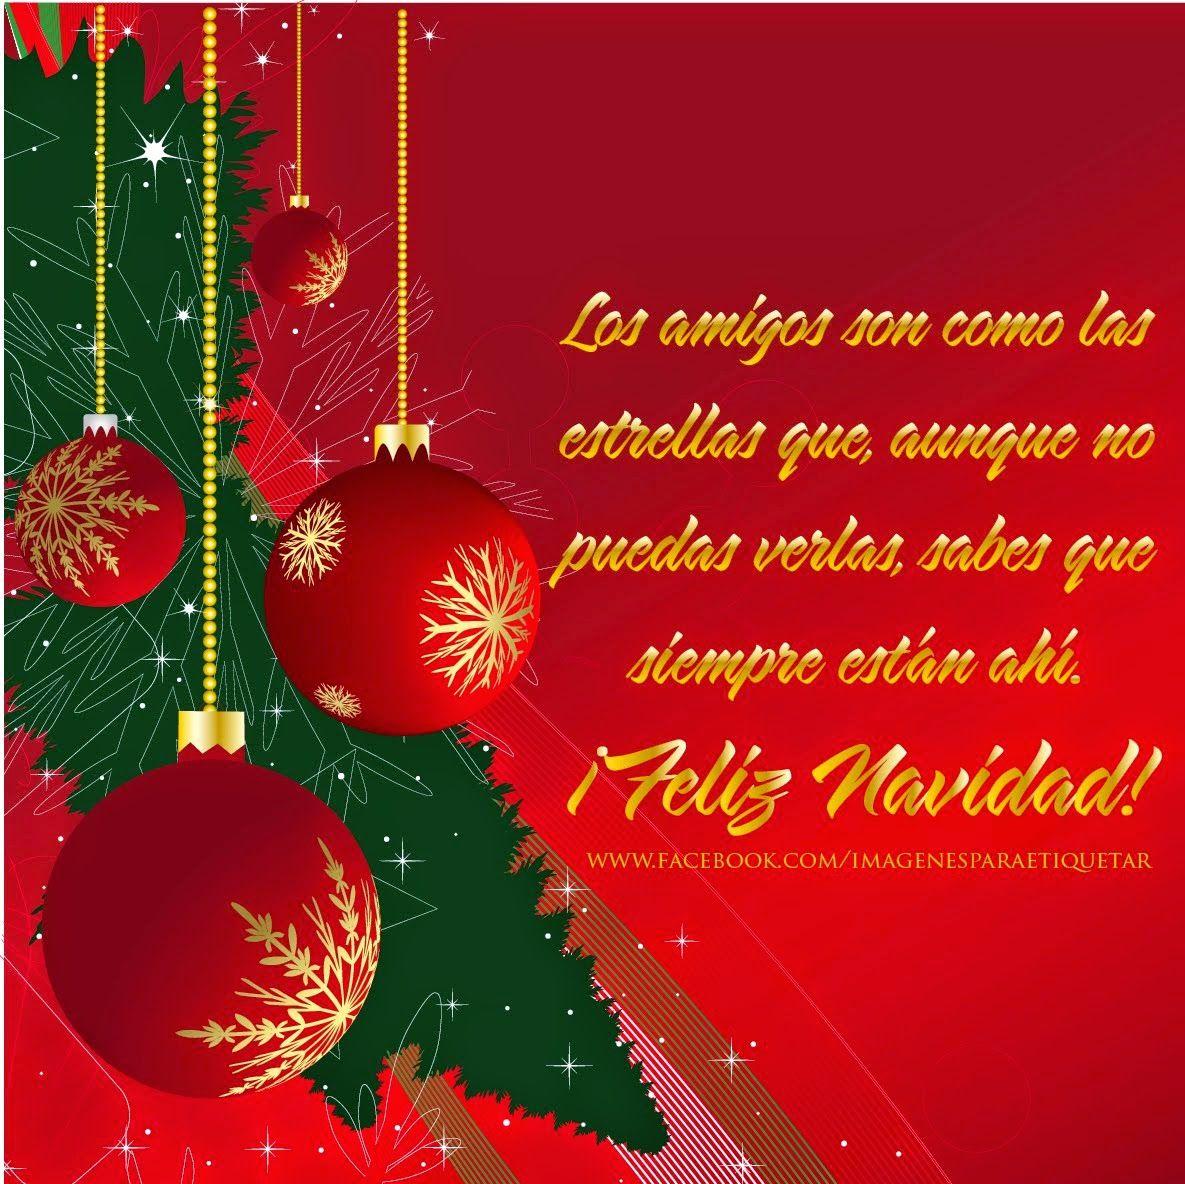 Tarjetas De Navidad Imagenes De Feliz Navidad Frases De Navidad Para Amigos Frases De Navidad